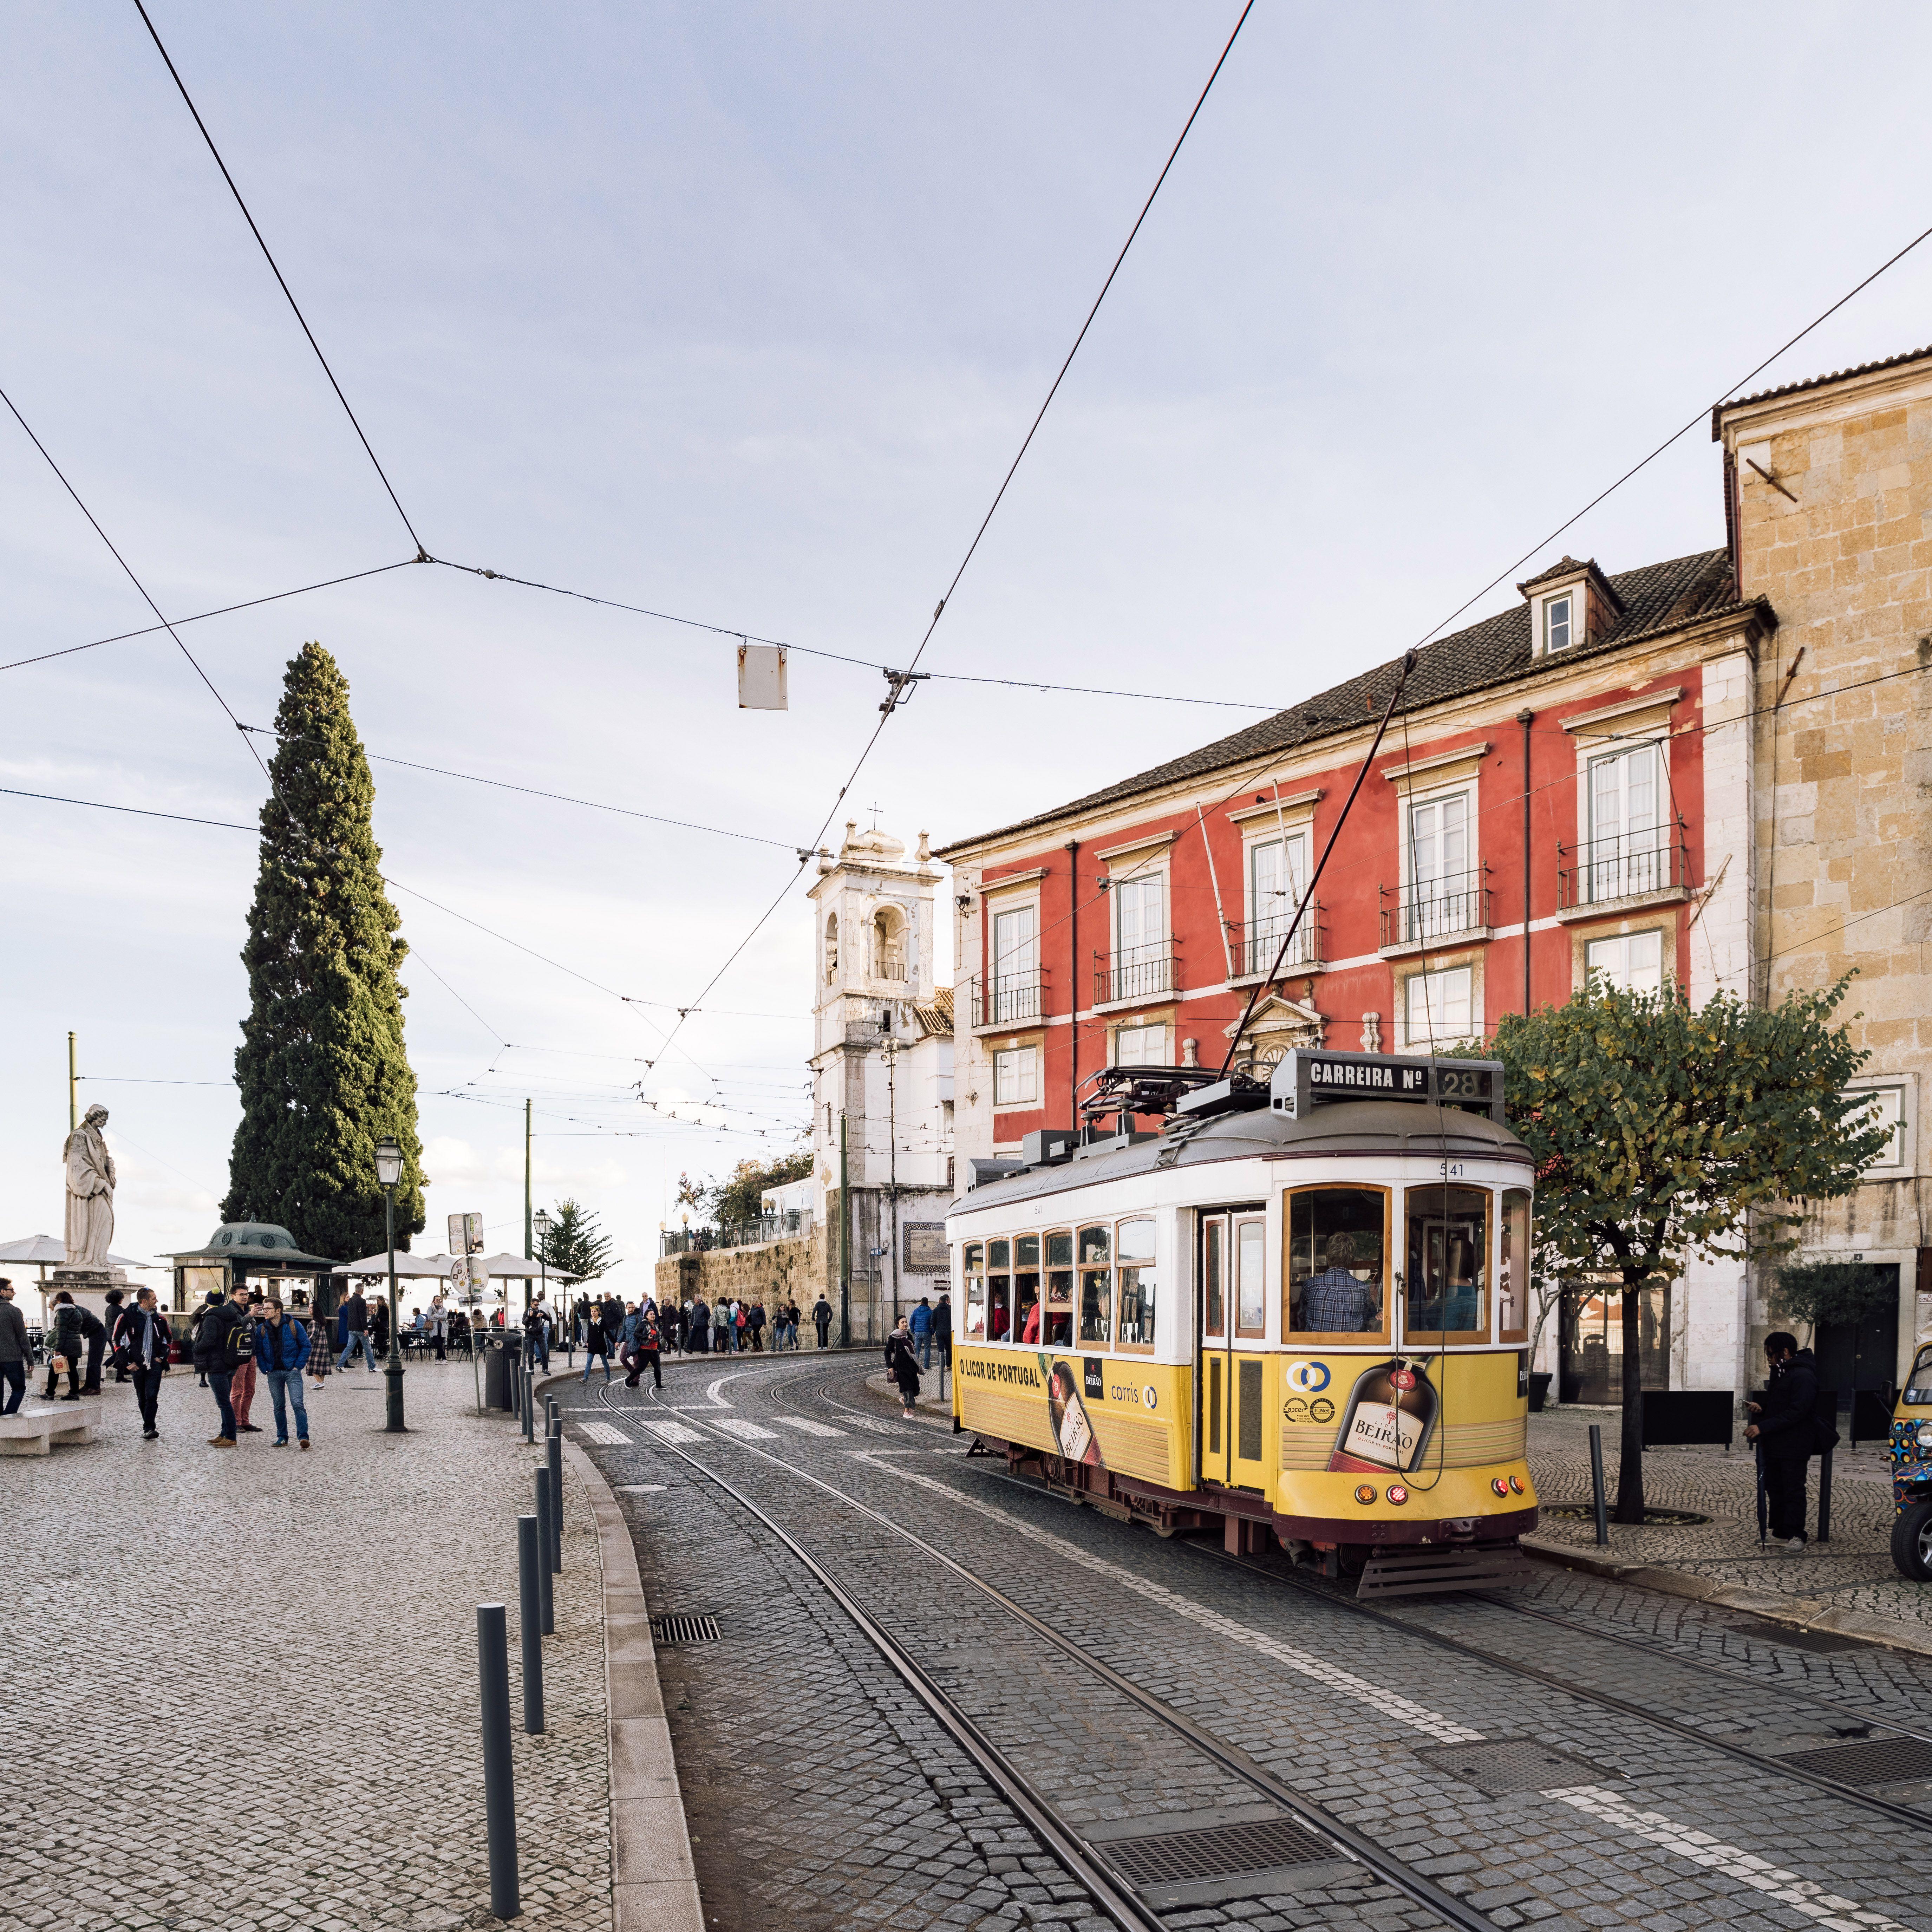 El tranvía que atraviesa la ciudad de Lisboa